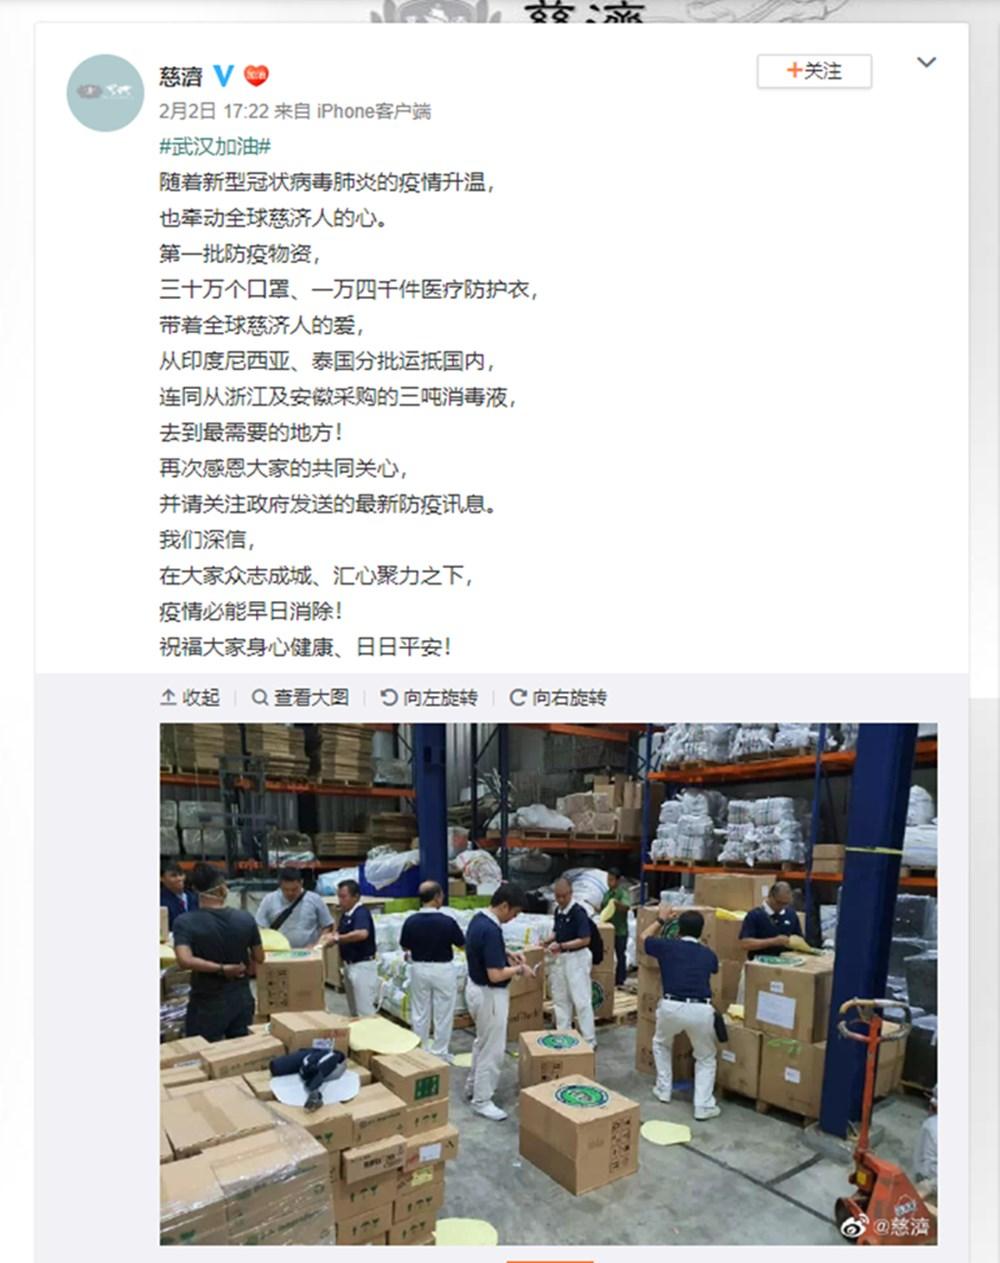 慈濟基金會向全球募集口罩及醫療防護衣給中國,引起外界熱議。慈濟基金會4日表示,未從台灣輸出口罩等防疫物資到海外,而是透過海外管道募集。(圖取自慈濟微博網頁www.weibo.com)